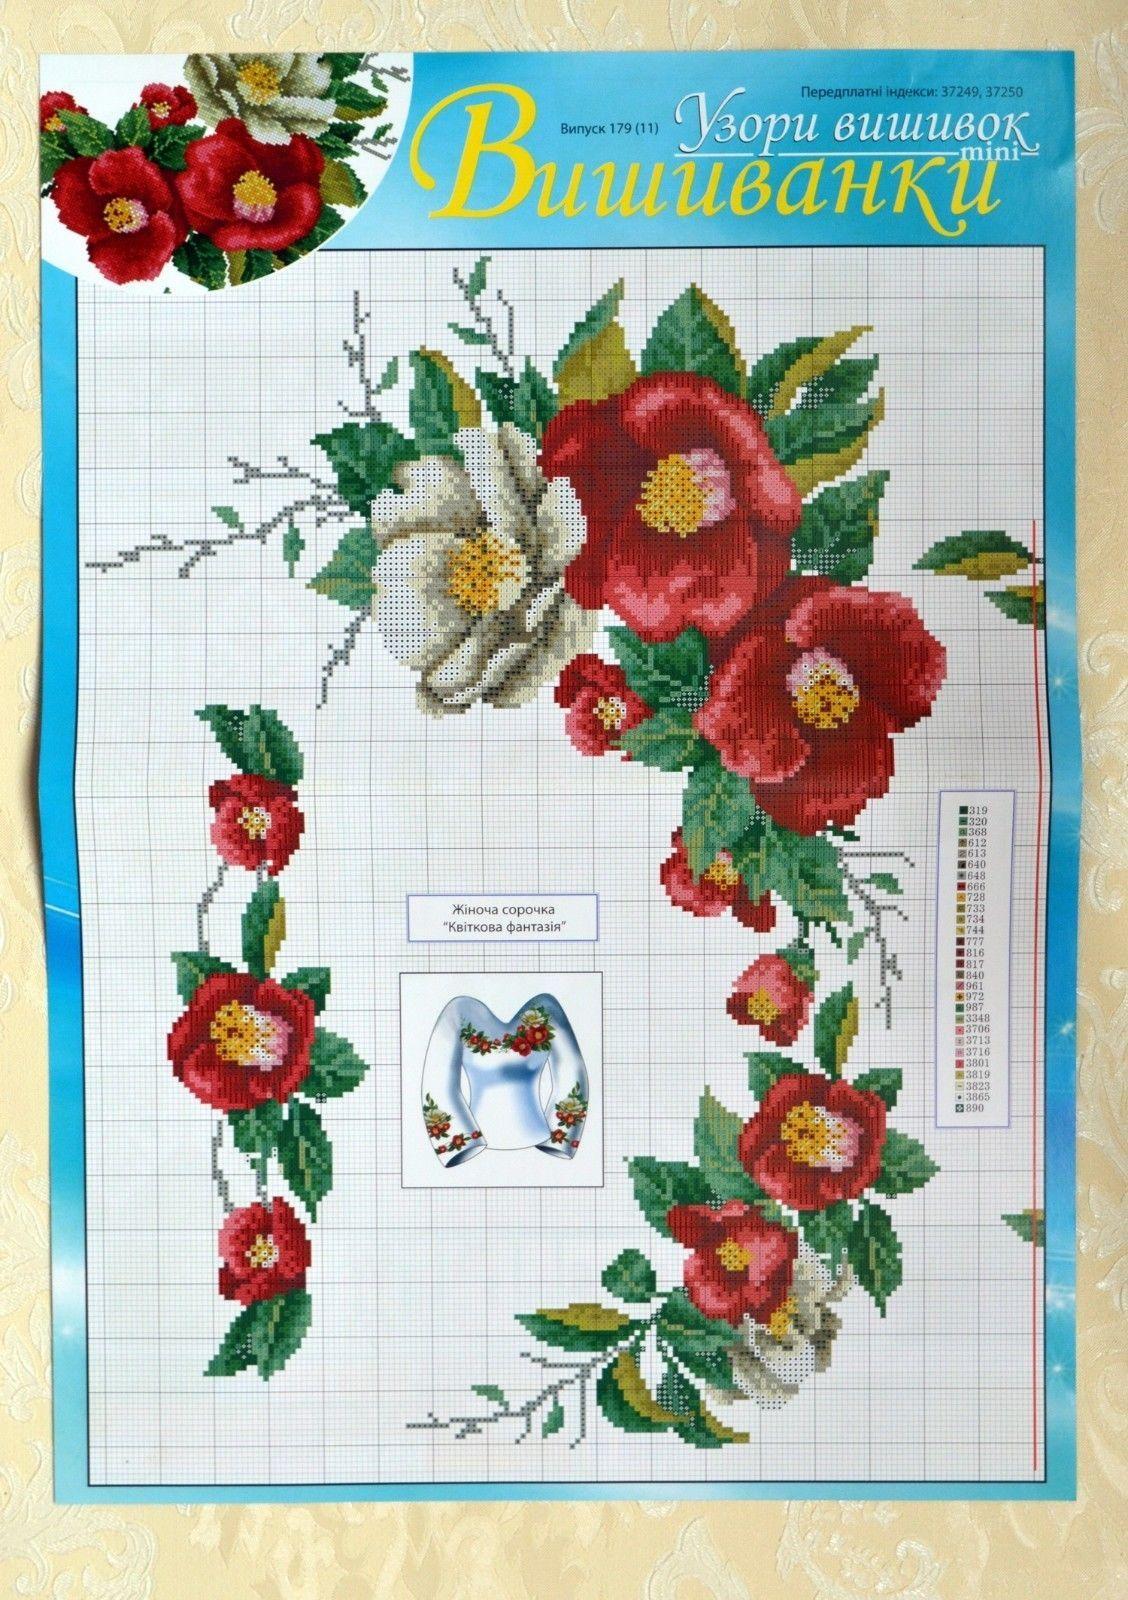 Cross stitch embroidery patterns ukrainian vyshyvanka shirt blouse